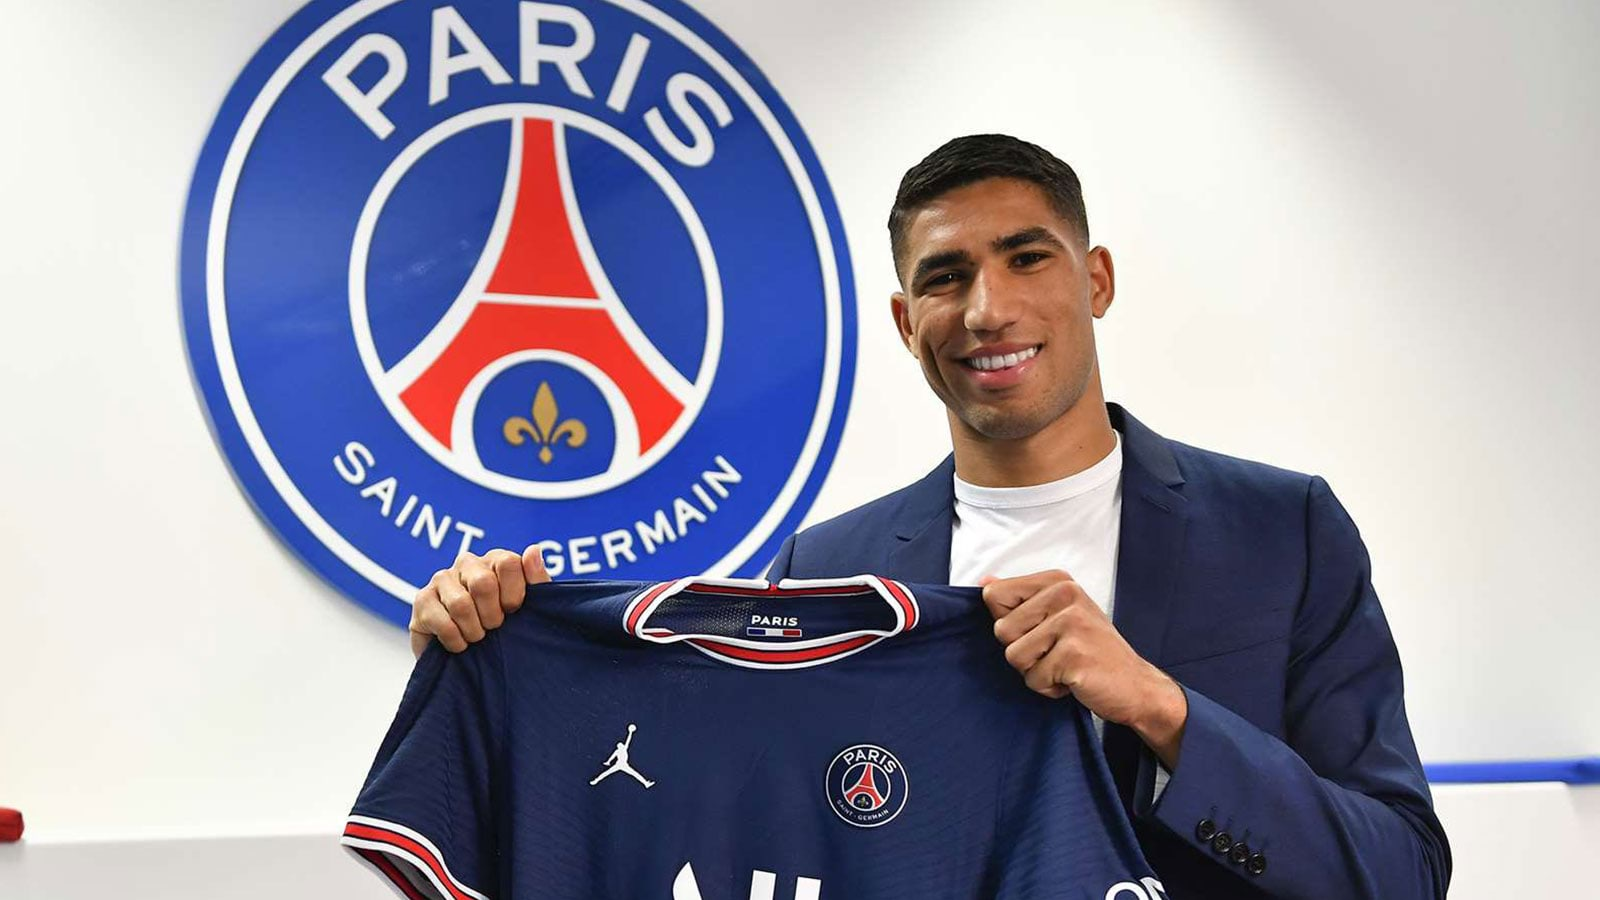 بعد تألقه.. حكيمي يلقى إشادة جماهير باريس سان جيرمان